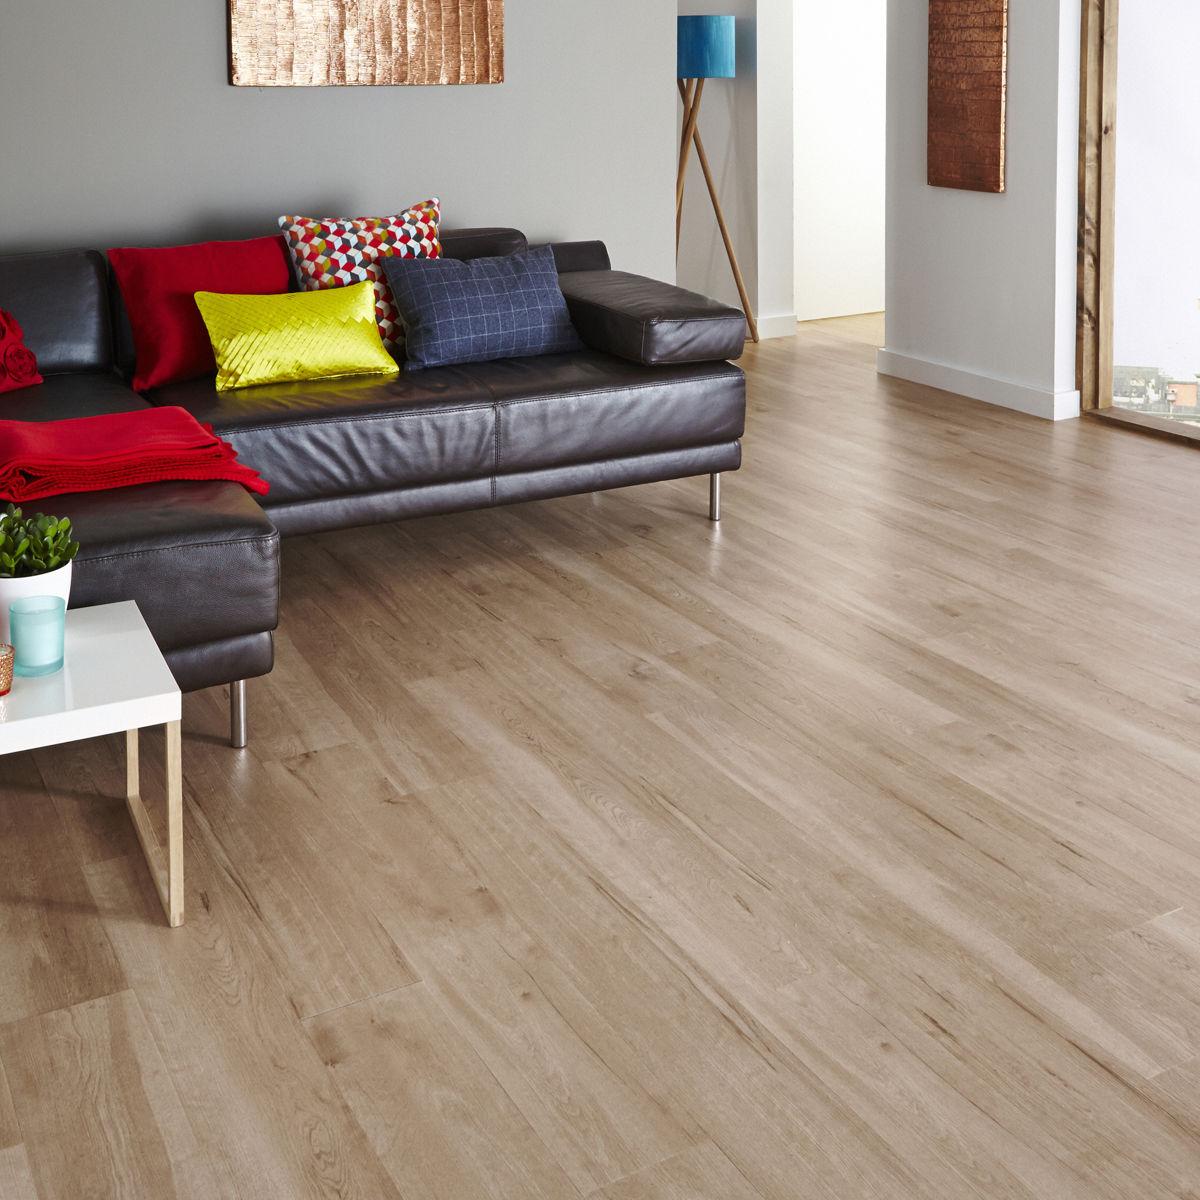 Van gogh birch vgw84t vinyl flooring karndean van gogh birch vgw84t vinyl flooring dailygadgetfo Image collections